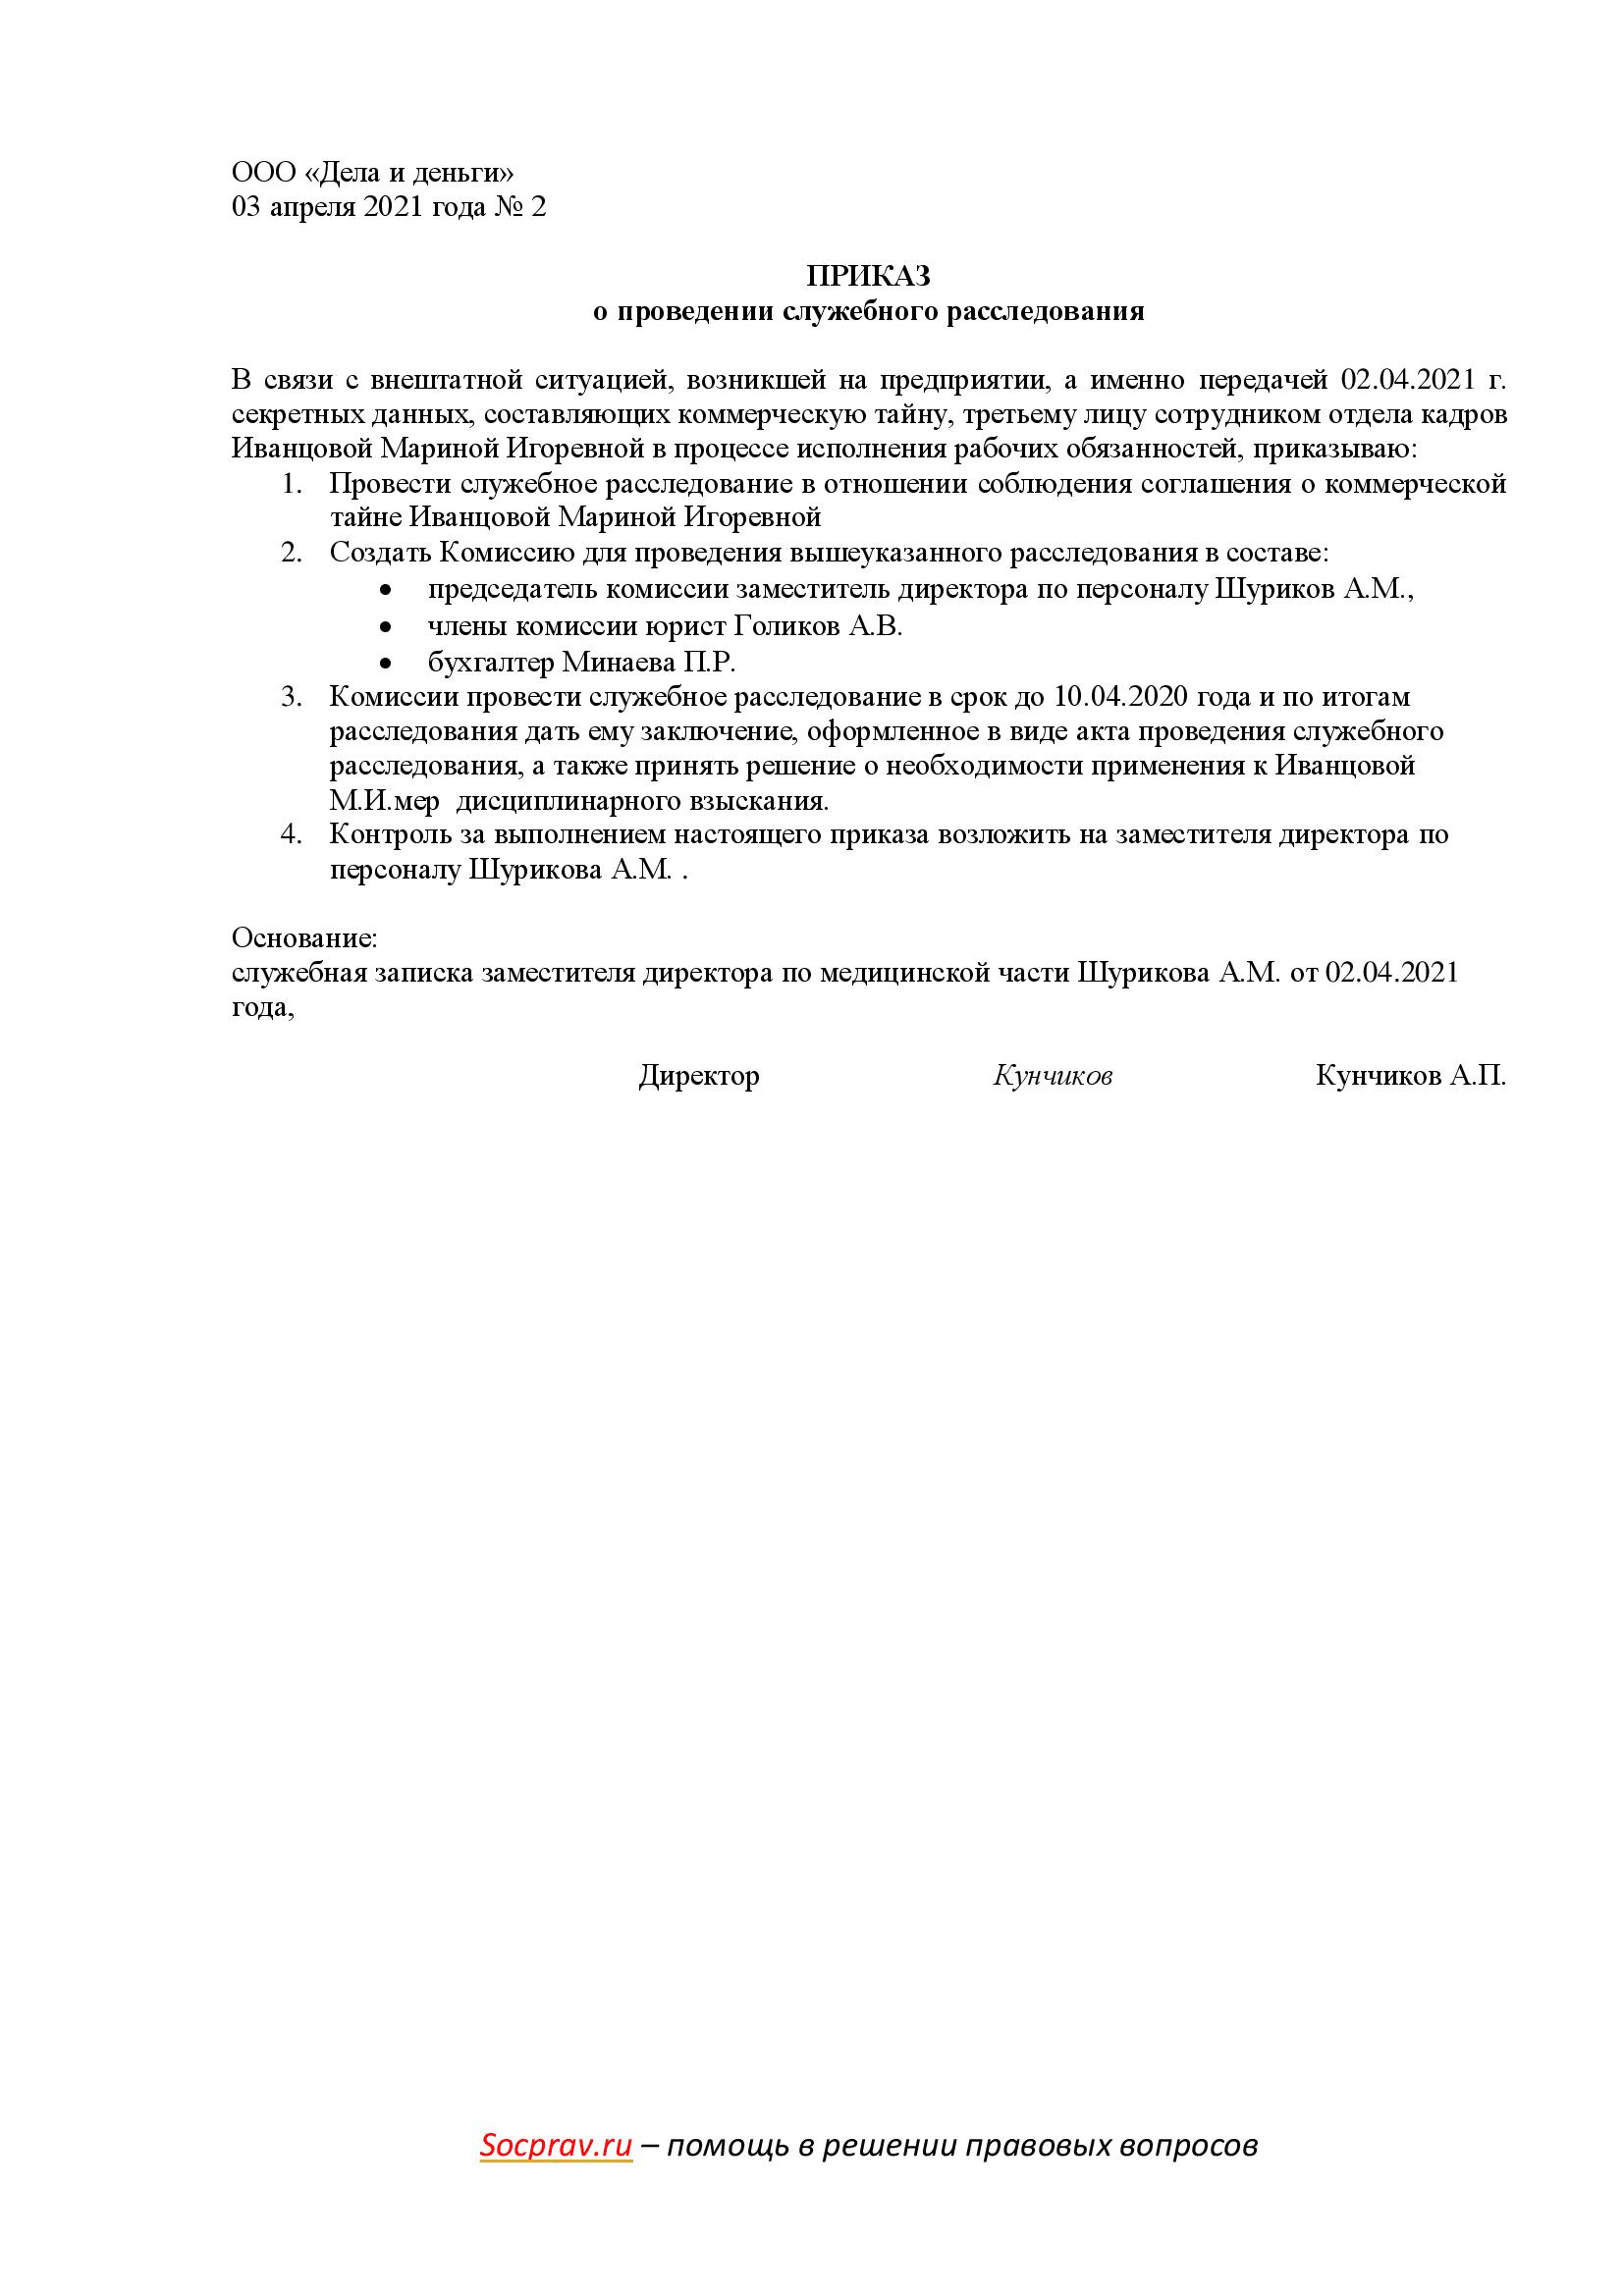 Приказ о проведении служебного расследования